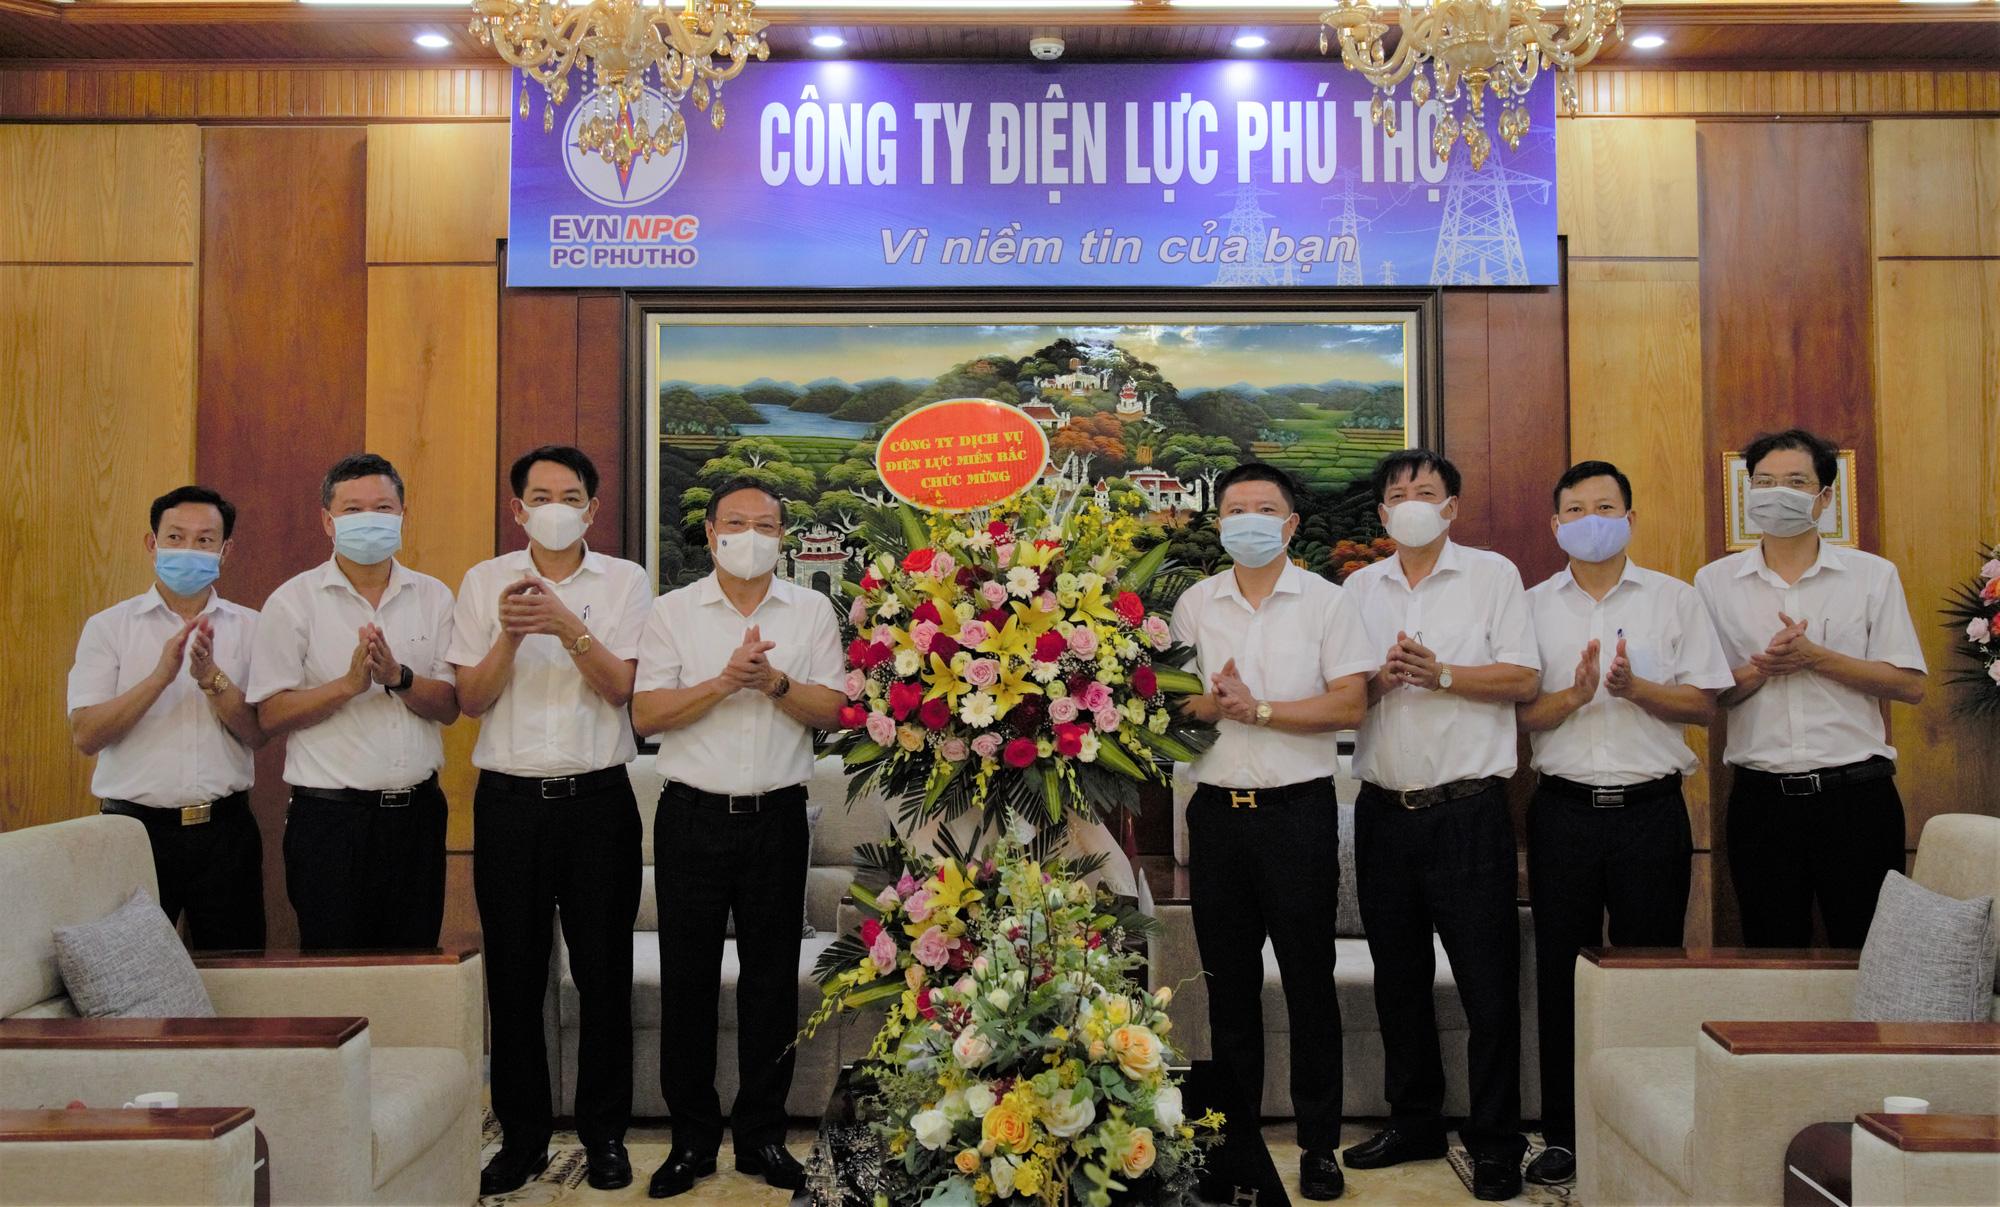 Công ty Điện lực Phú Thọ: 50 năm đổi mới và phát triển - Ảnh 5.